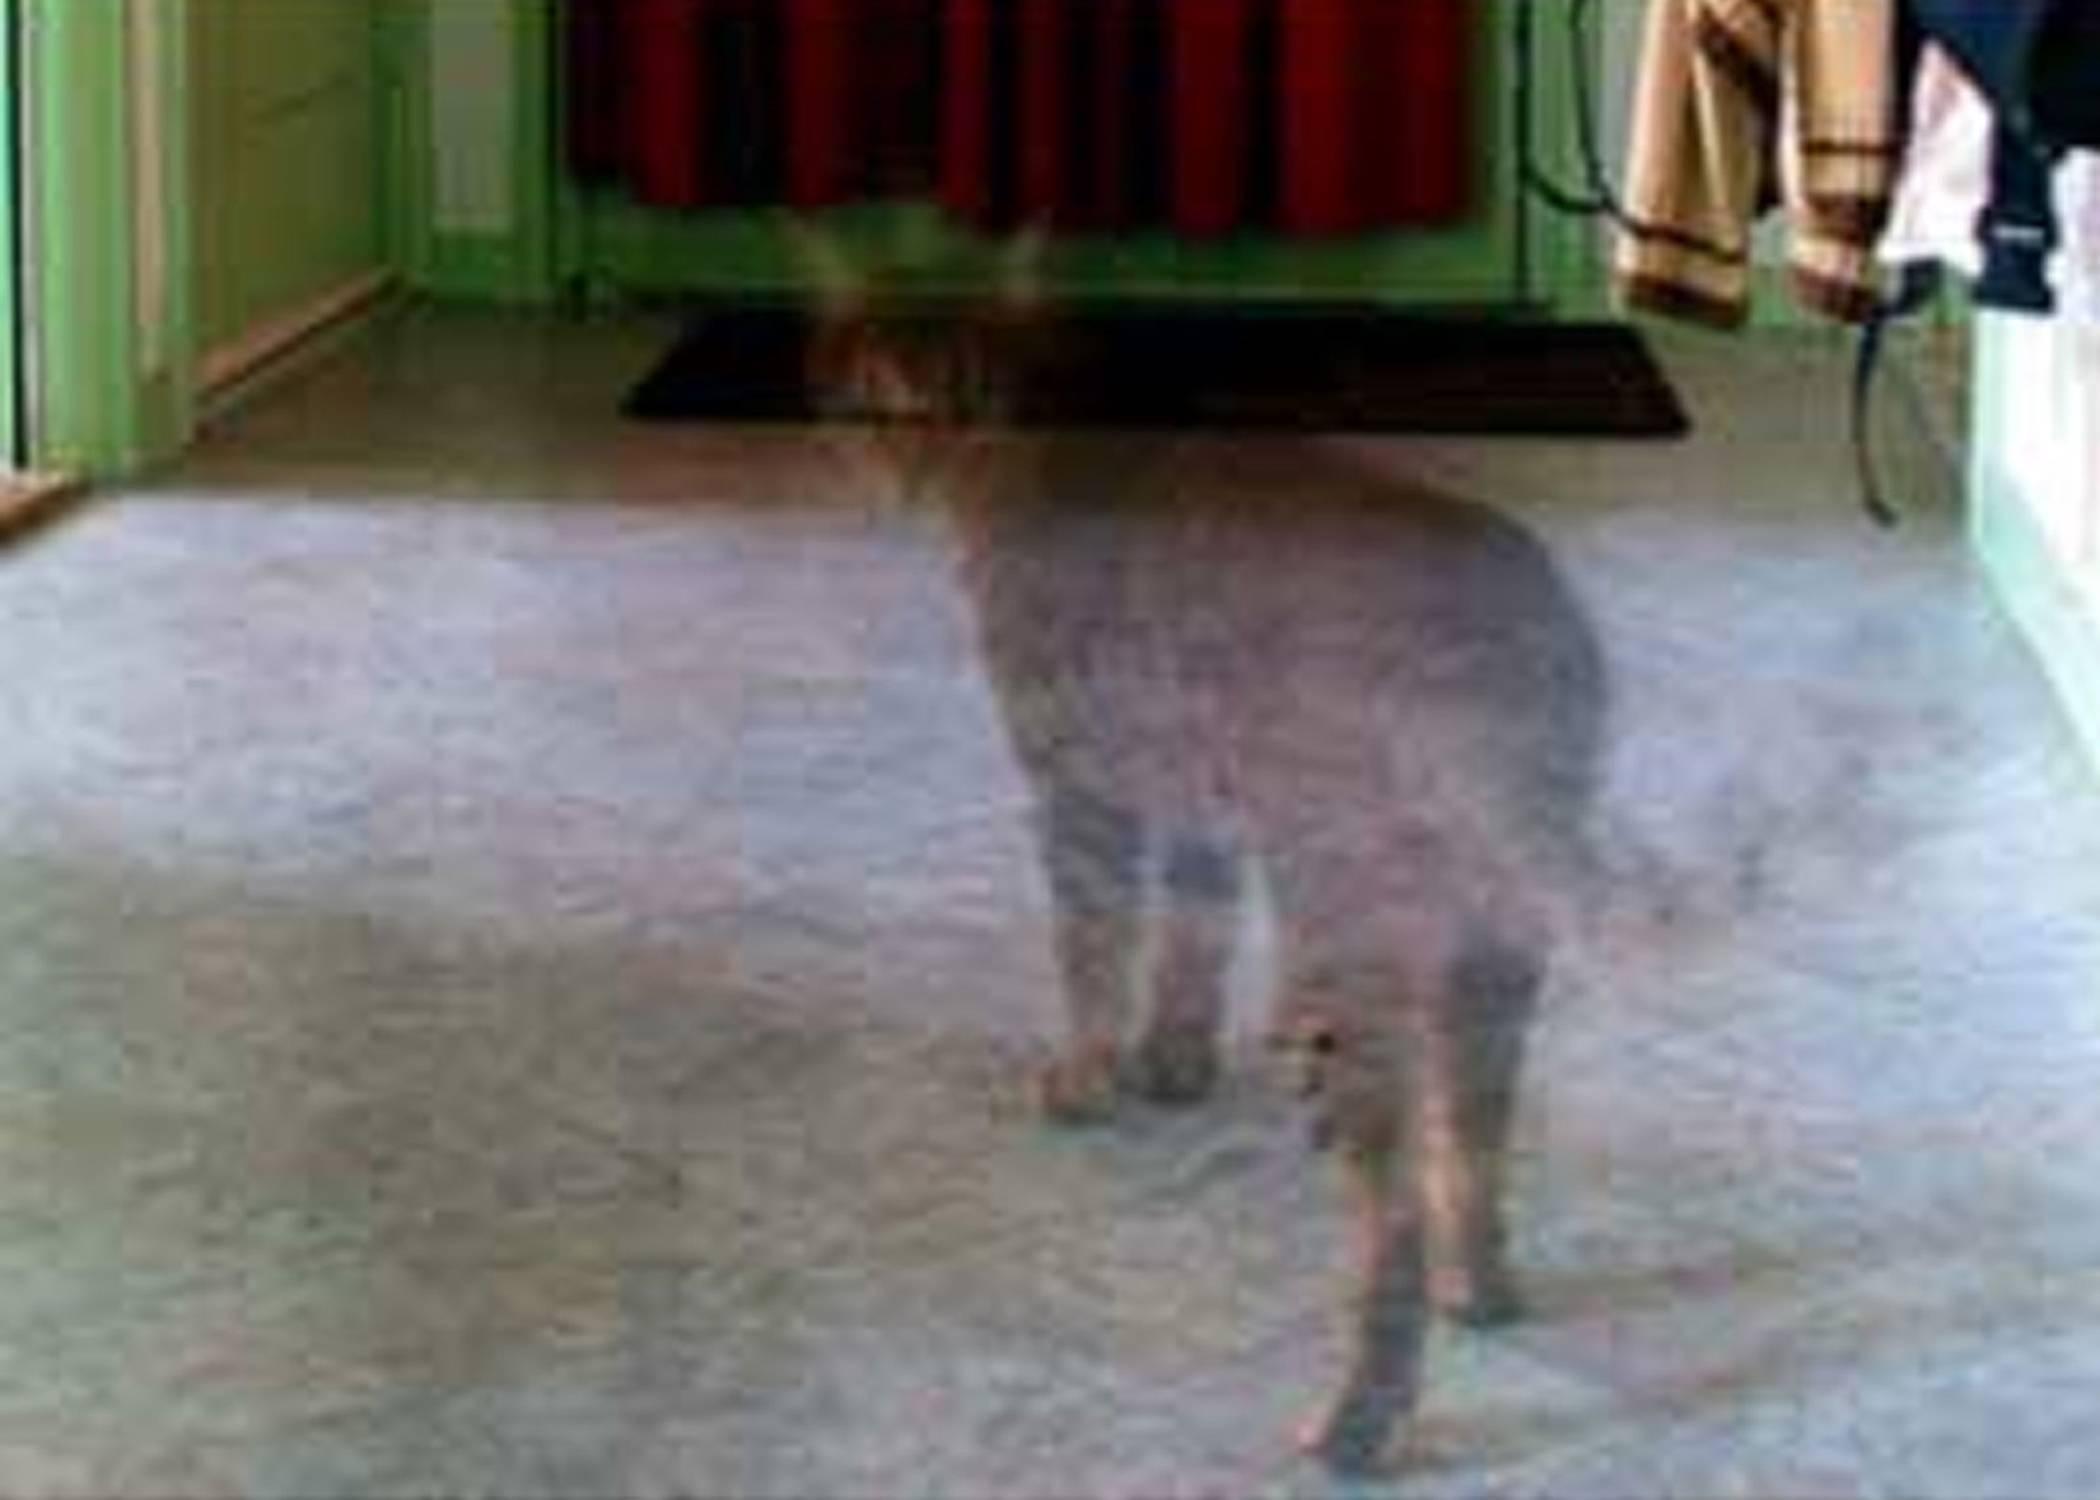 Правда что кошки видят призраков. видят ли коты призраков? почему думают, что коты видят призраков